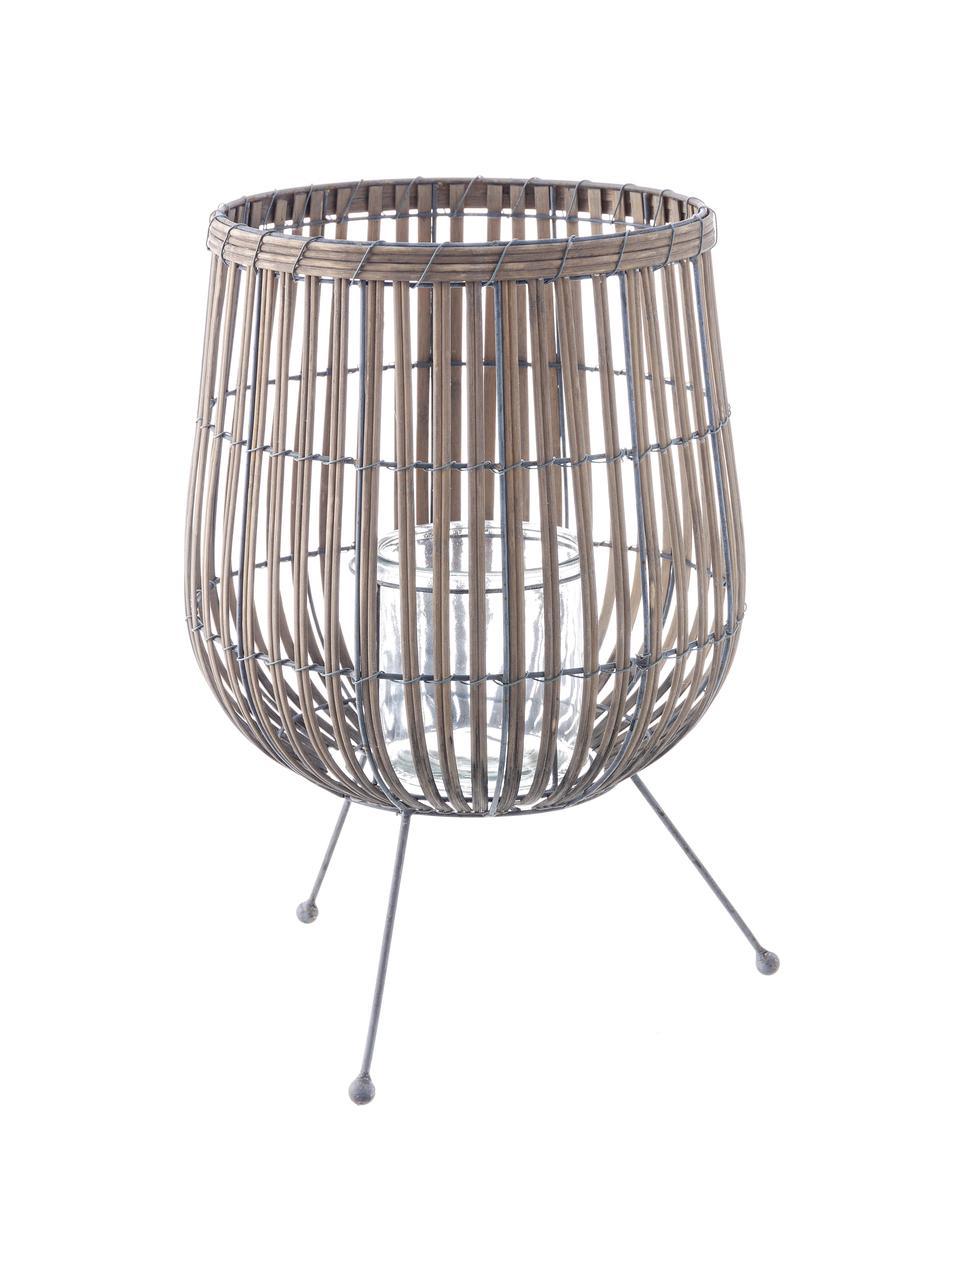 Portacandela Rabat, Portacandela: salice, Piedini: metallo rivestito, Marrone, metallo, Ø 30 x Alt. 46 cm